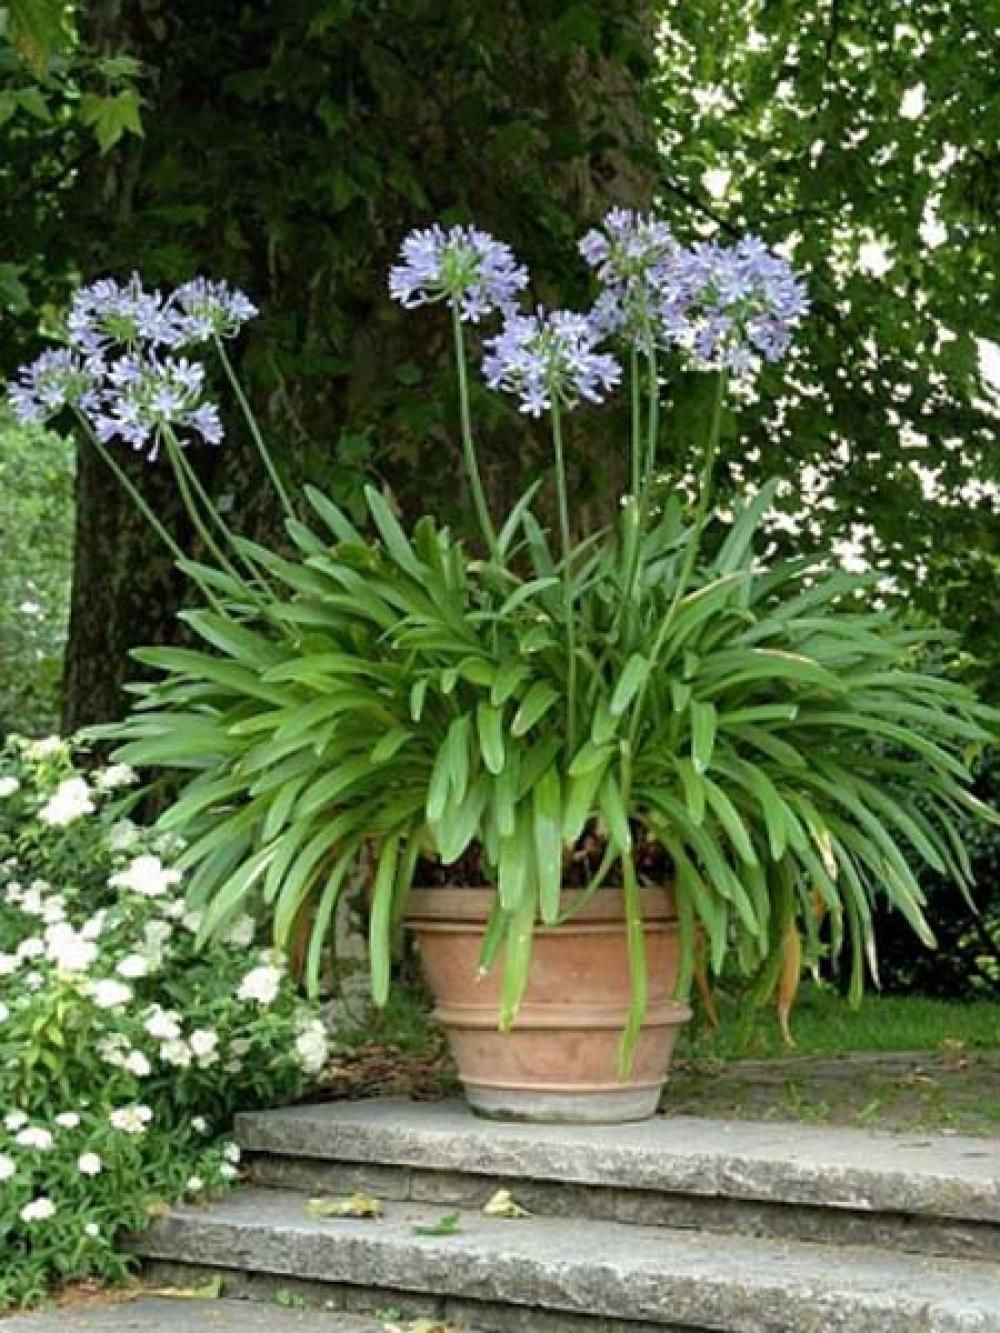 garten f r faule viel spa wenig arbeit garten pinterest garden herb garden and. Black Bedroom Furniture Sets. Home Design Ideas